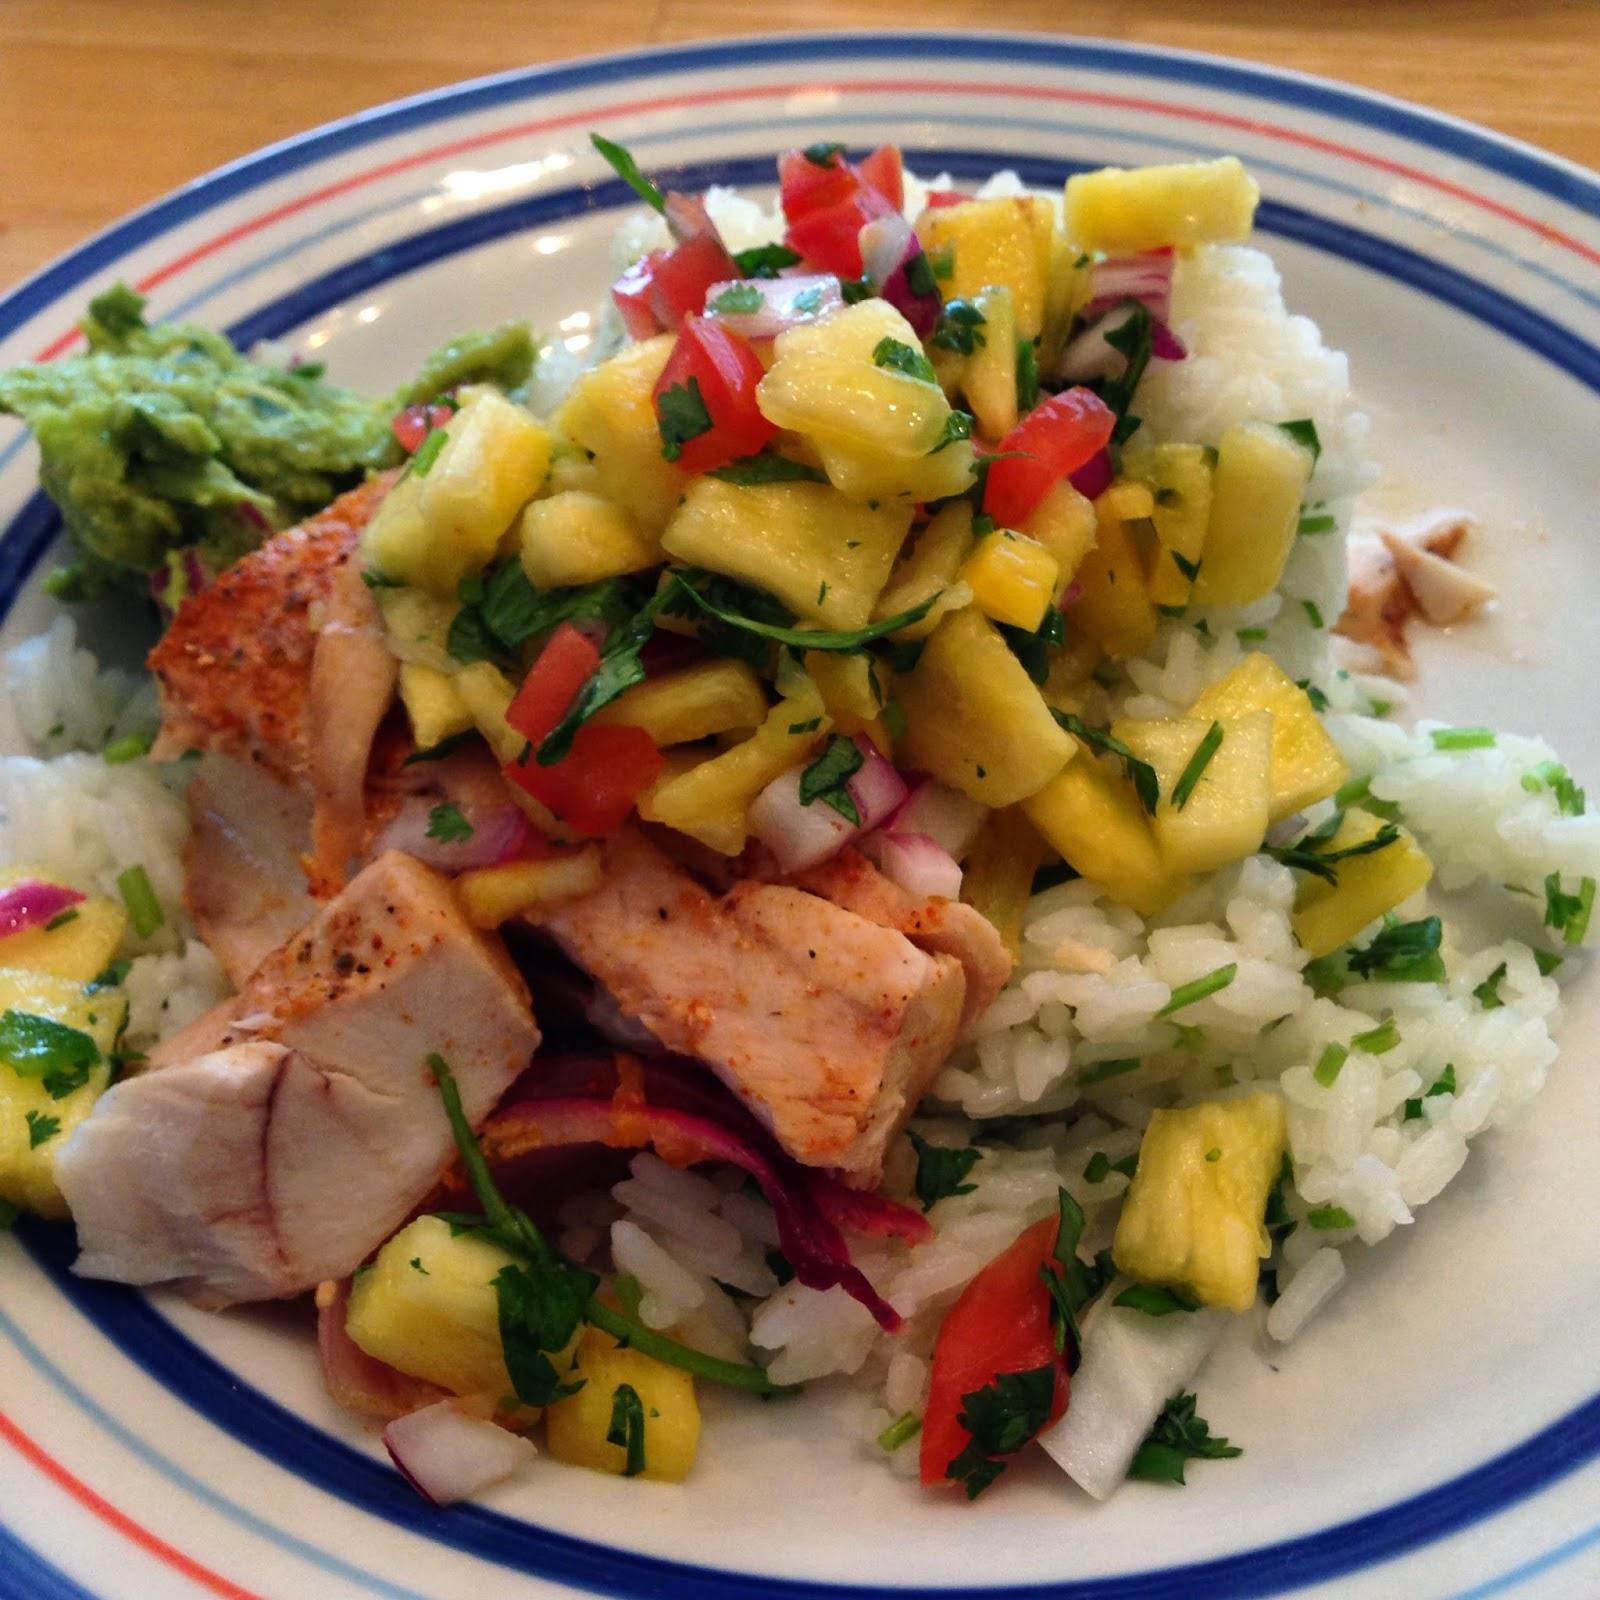 Tropical Mahi Mahi with Pineapple Salsa and Chipotle Lime Rice